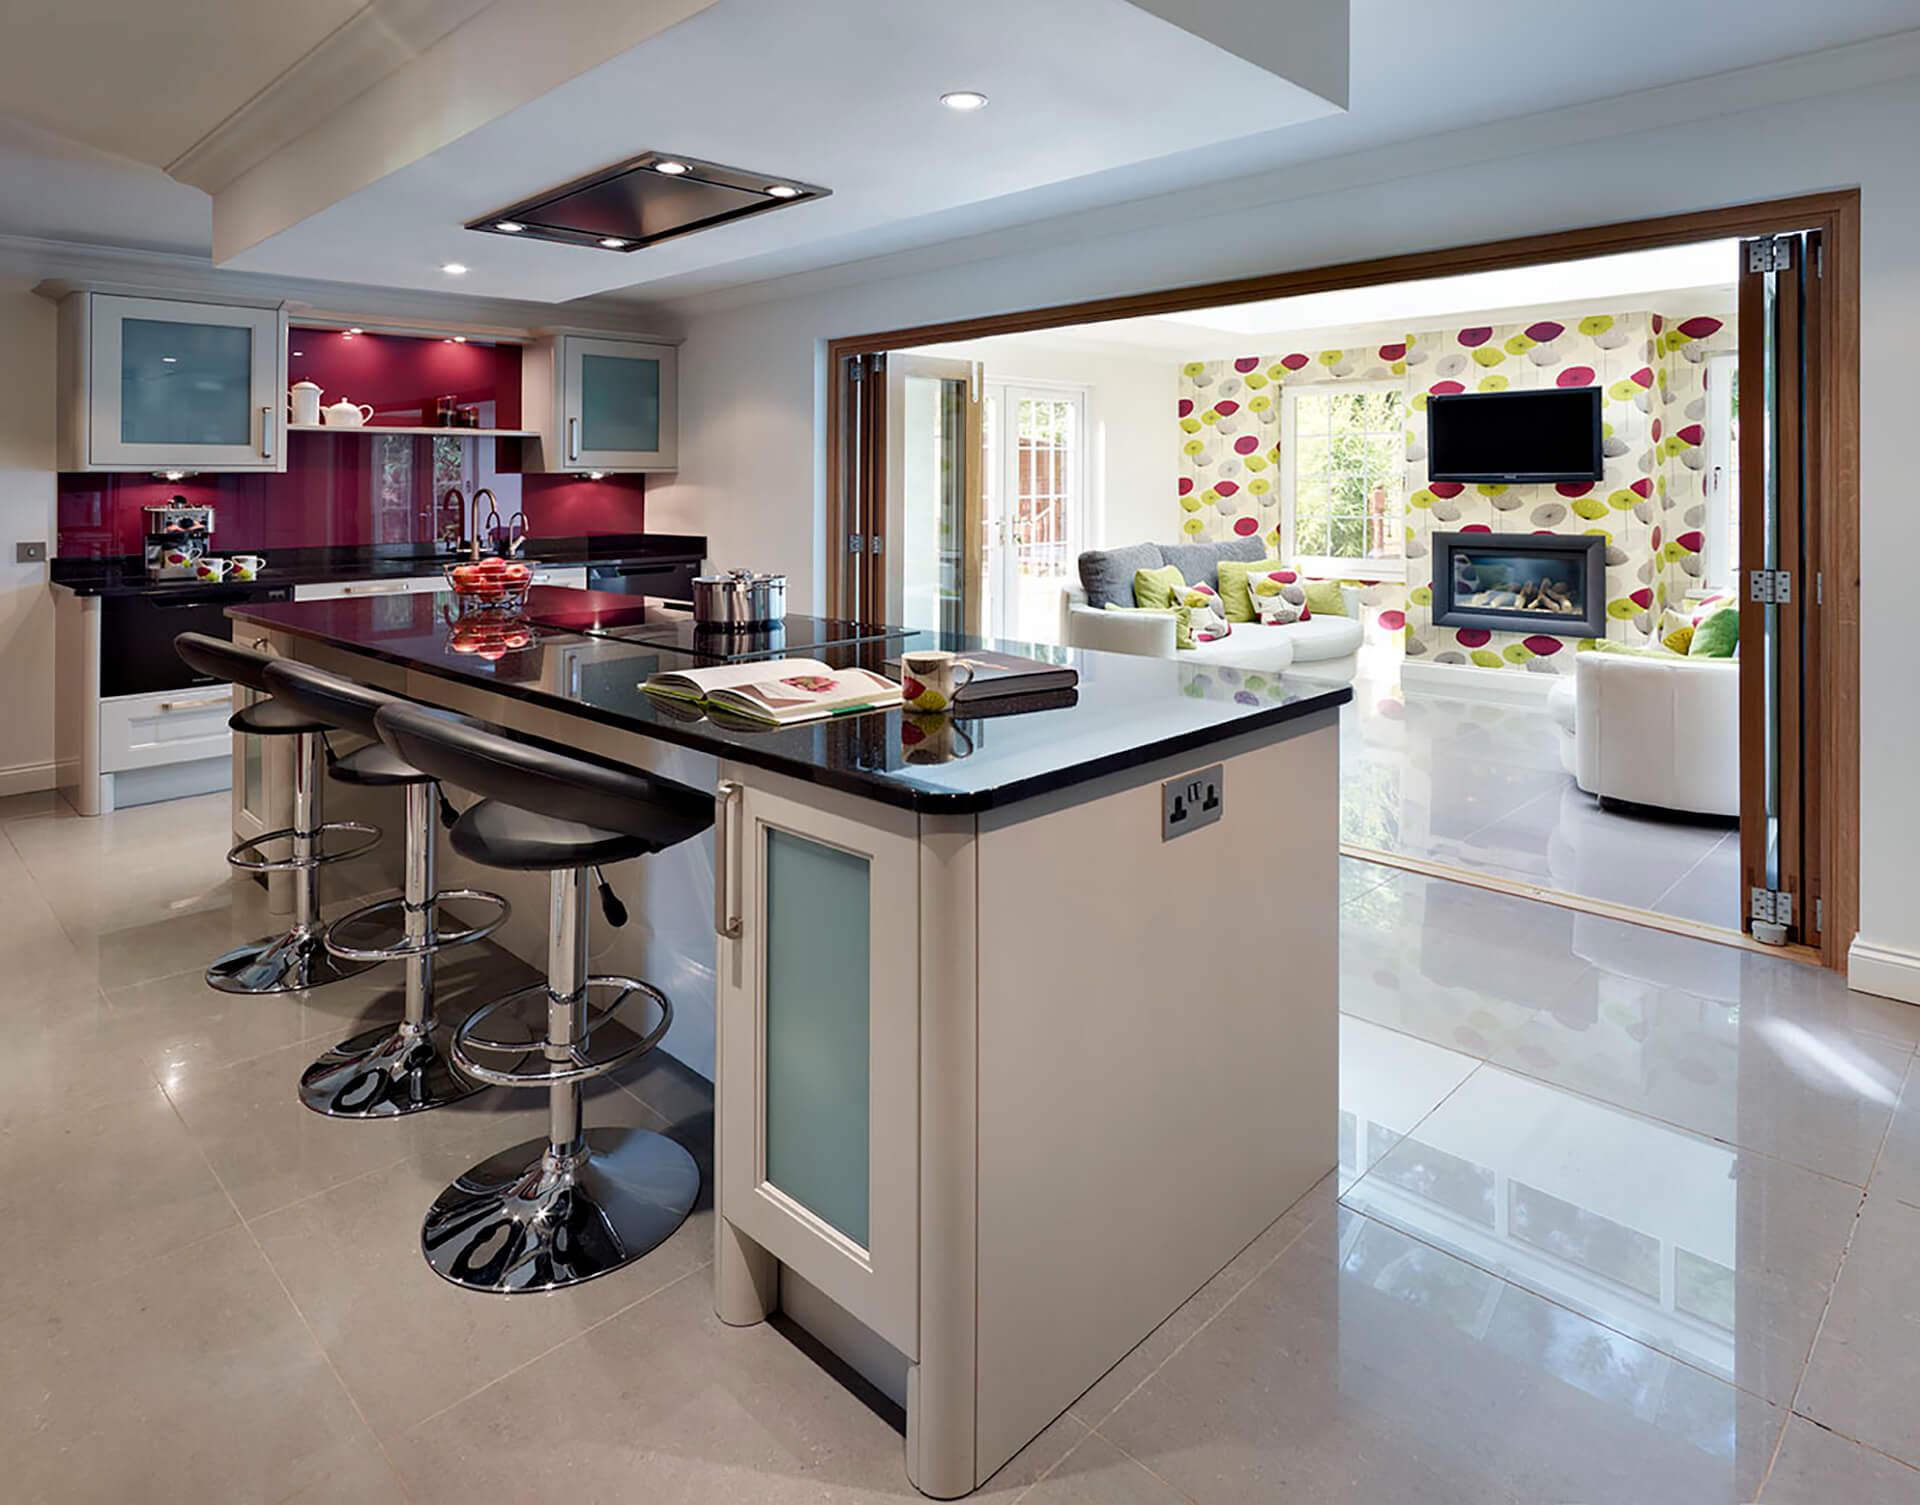 Linley Kitchen 8